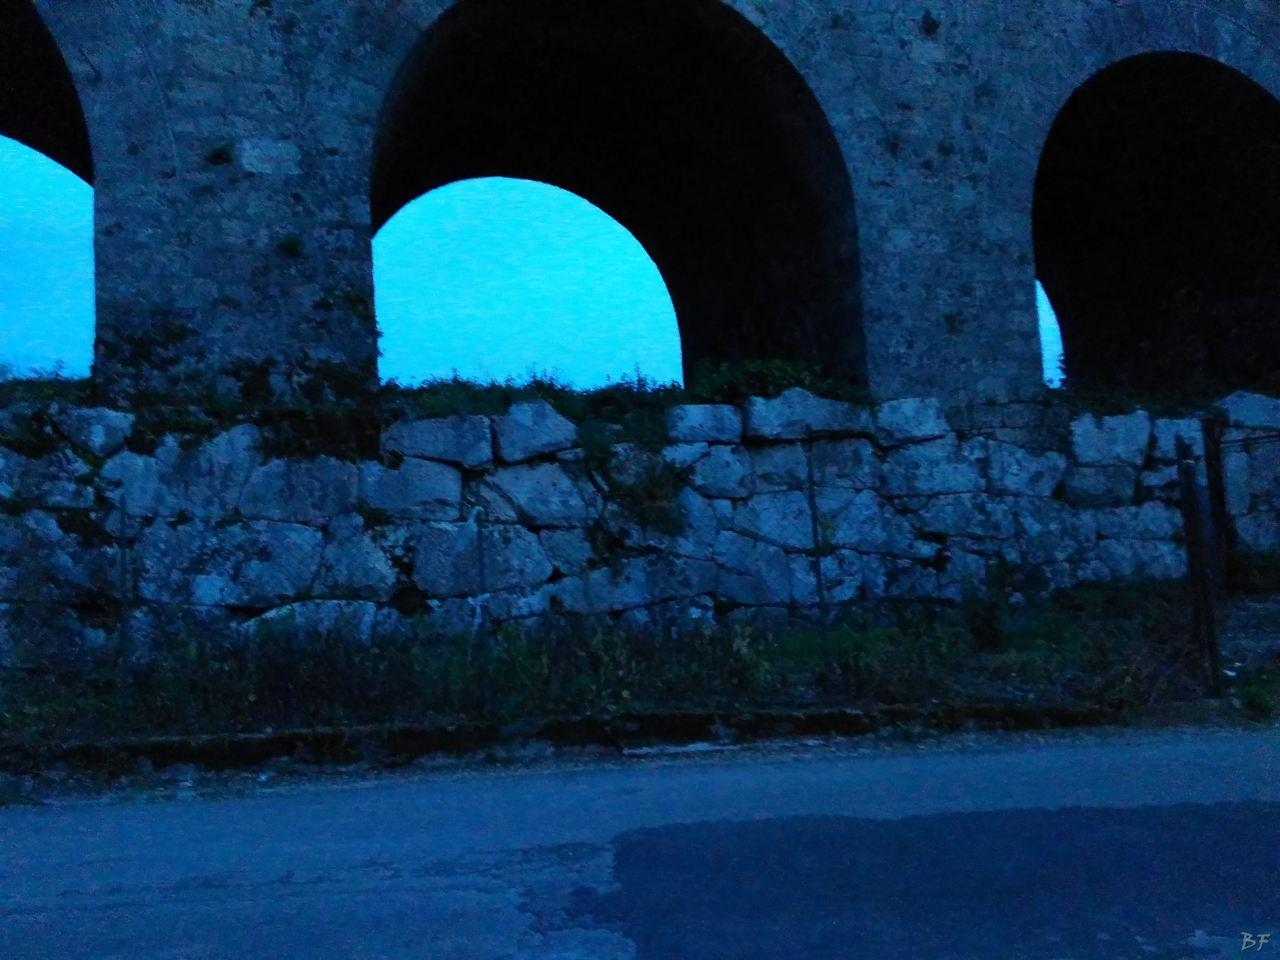 Ferentinum-Mura-Poligonali-Megalitiche-Ferentino-Frosinone-Lazio-Italia-24